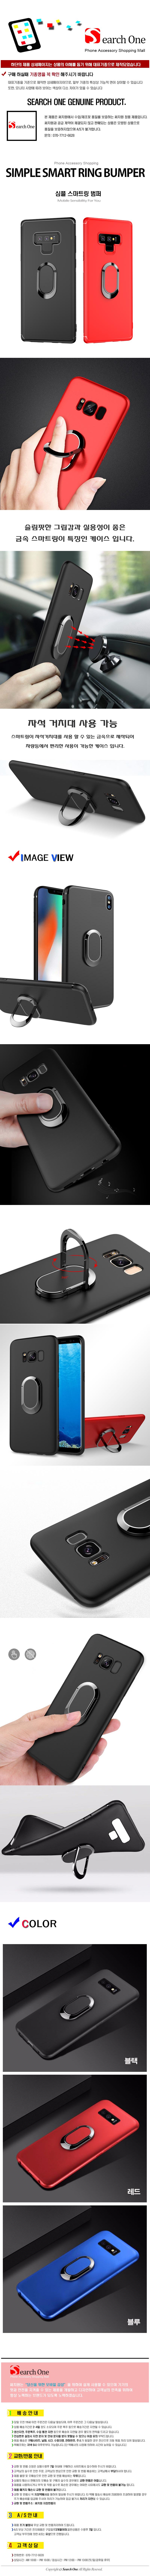 아이폰11PRO 심플 스마트링 범퍼/자석거치대호환 - 써치원, 12,200원, 케이스, 아이폰 11 Pro